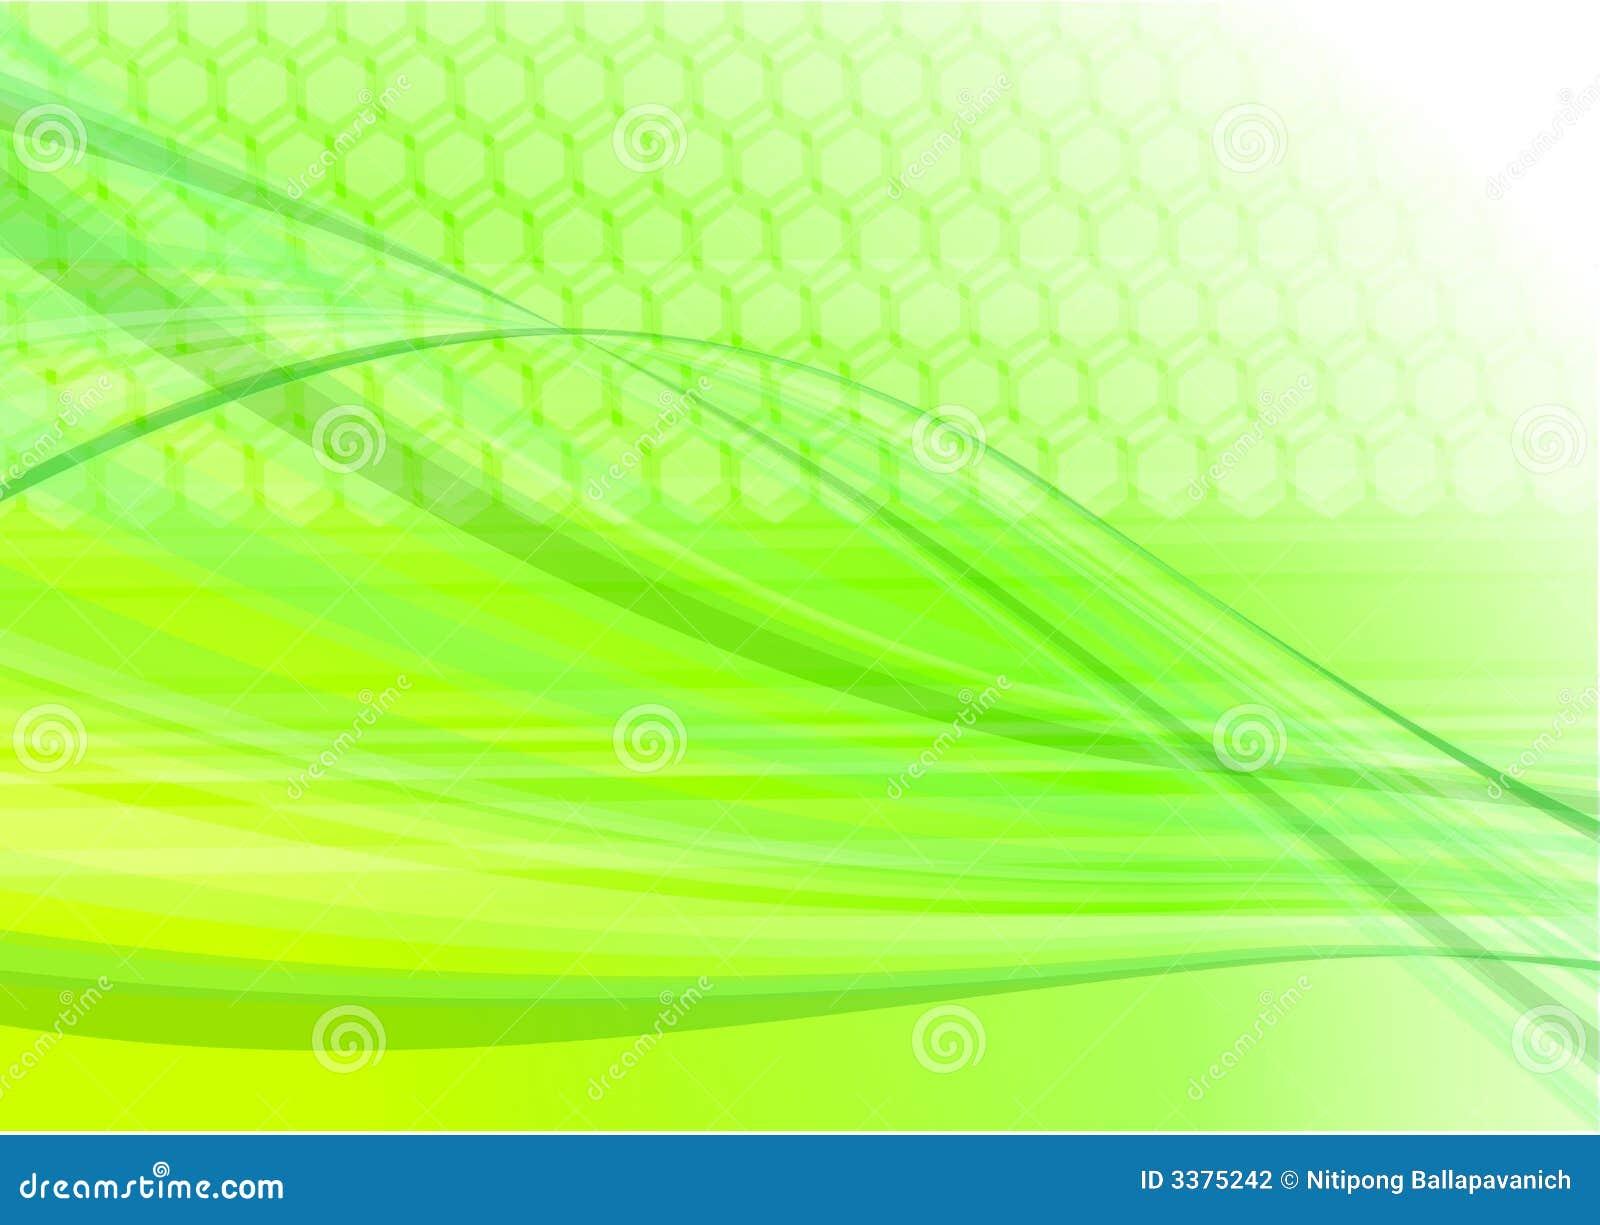 Green light abstract digital